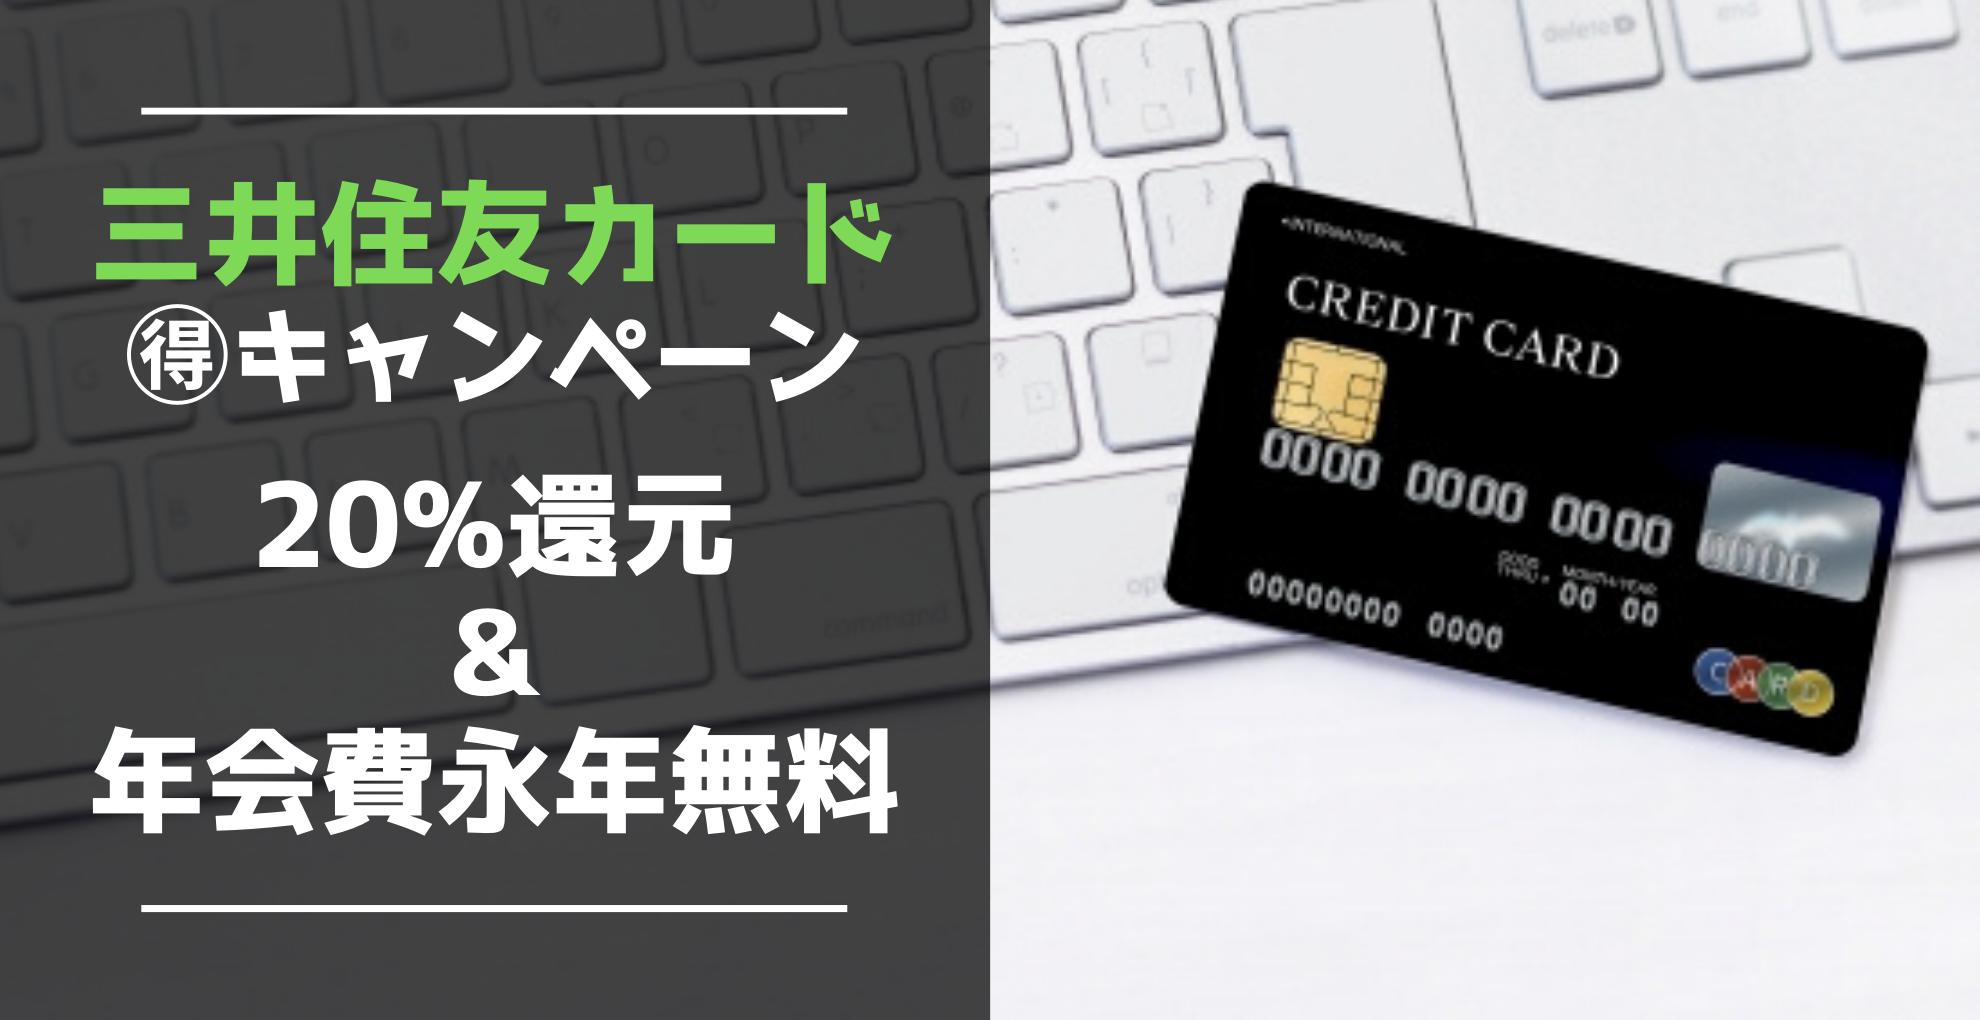 【三井住友カード】新デザイン 20%還元&年会費無料キャンペーン